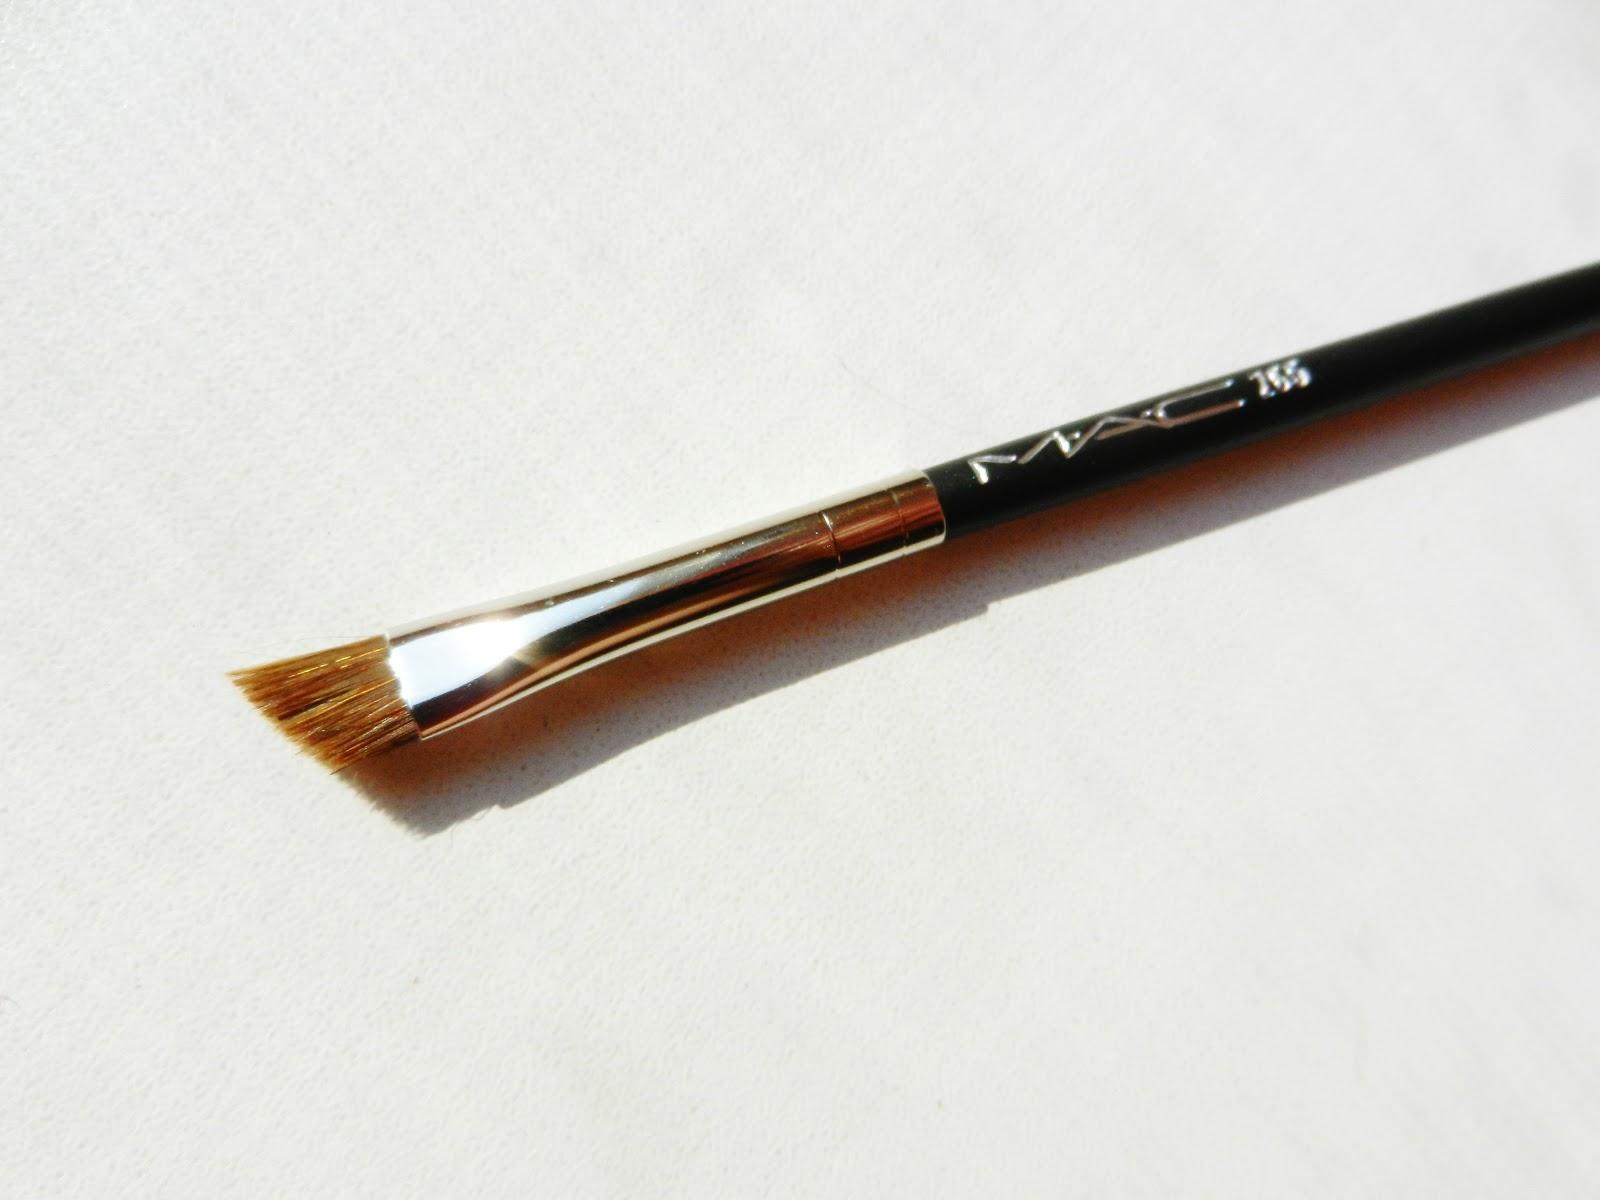 Для тщательной прорисовки контура можно использовать и синтетическую кисть со скошенным концом